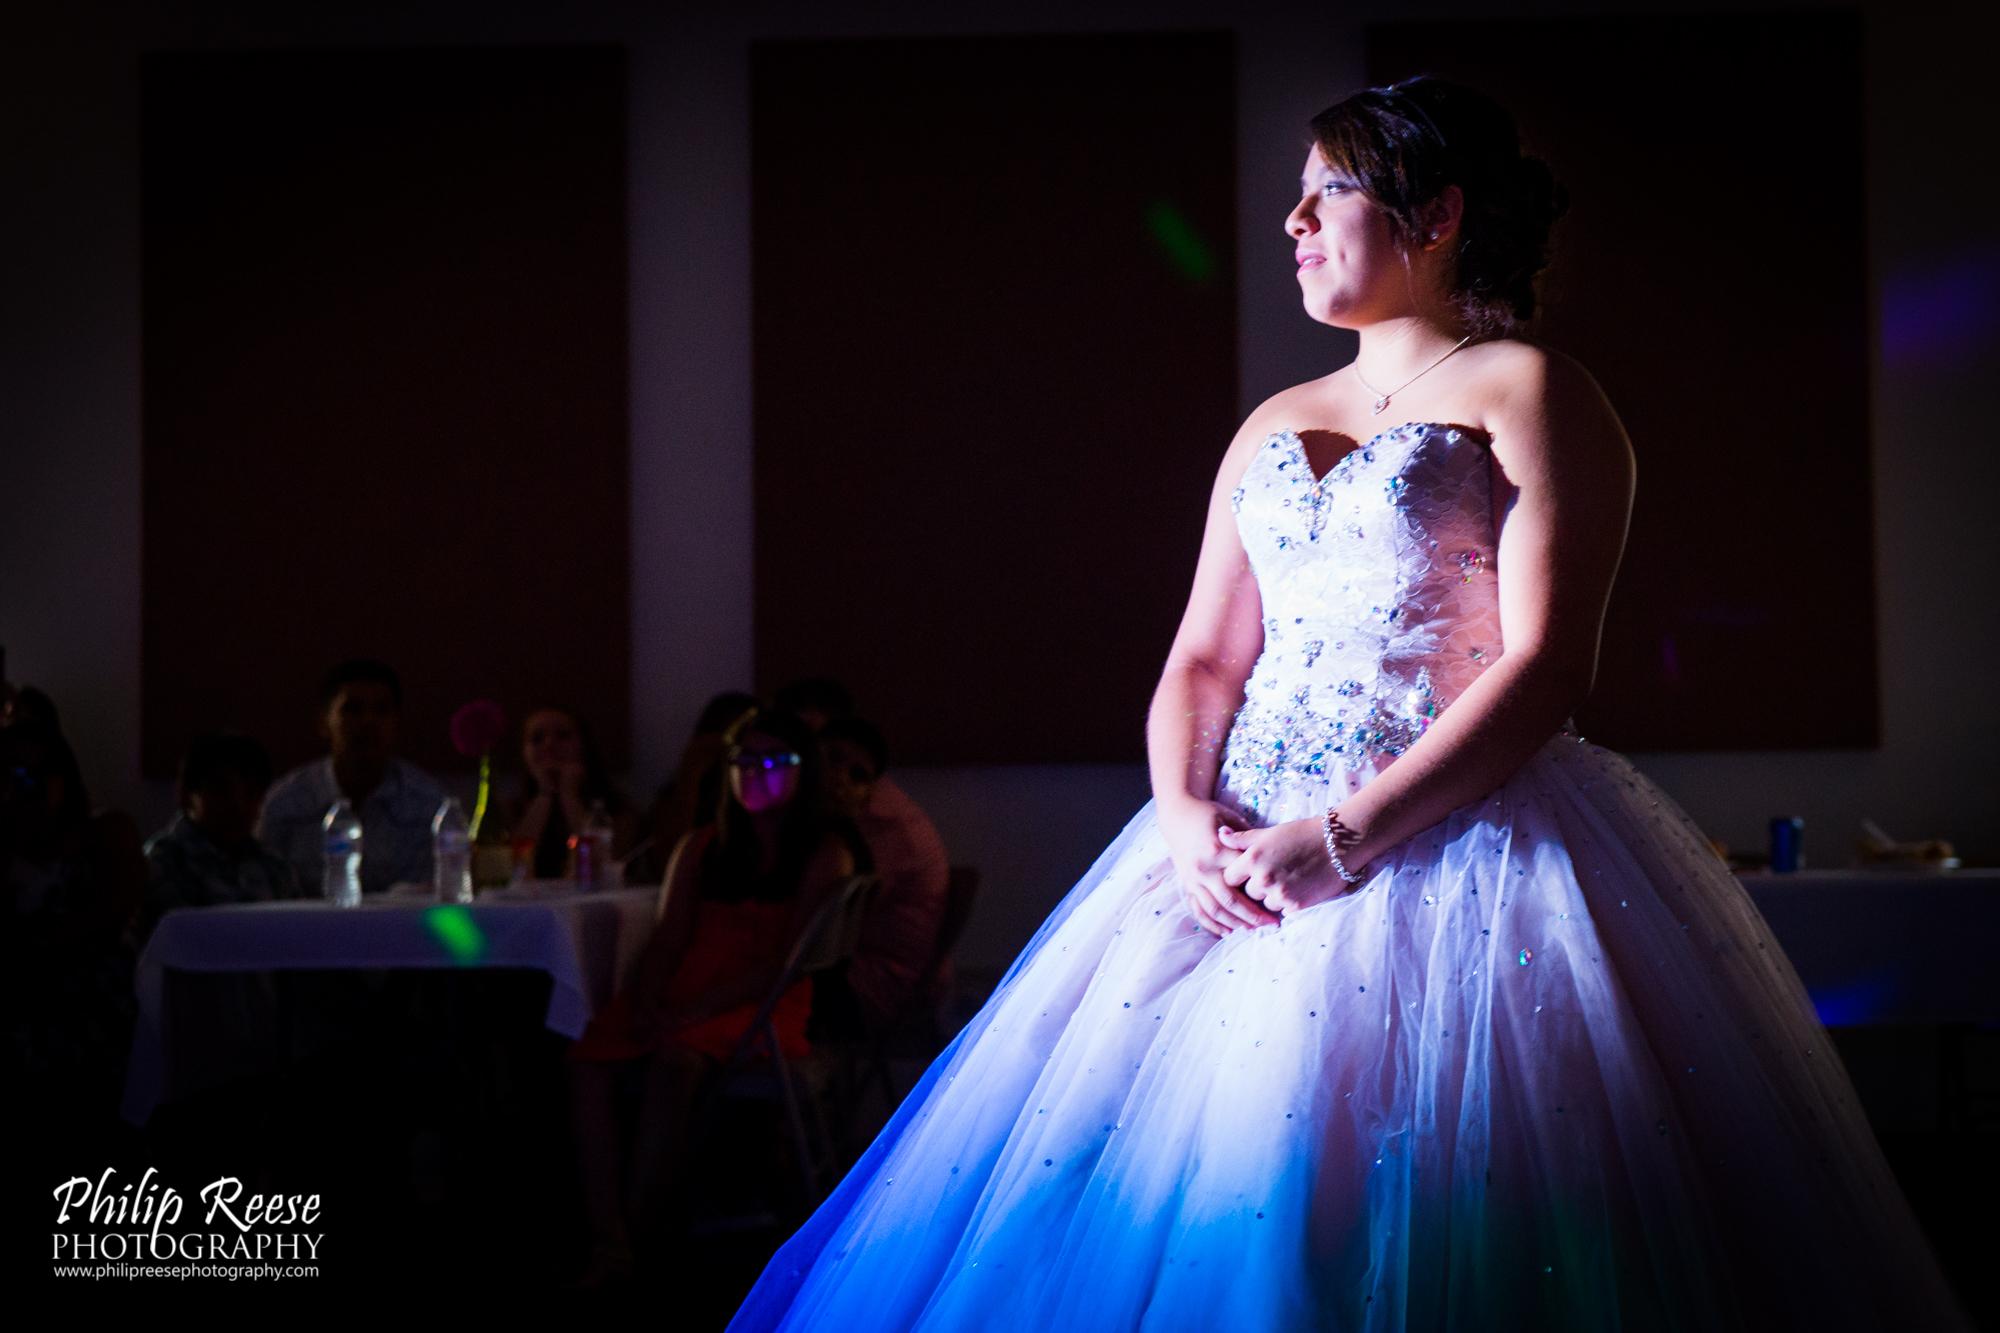 Brenda Quinceanera Day-61.jpg